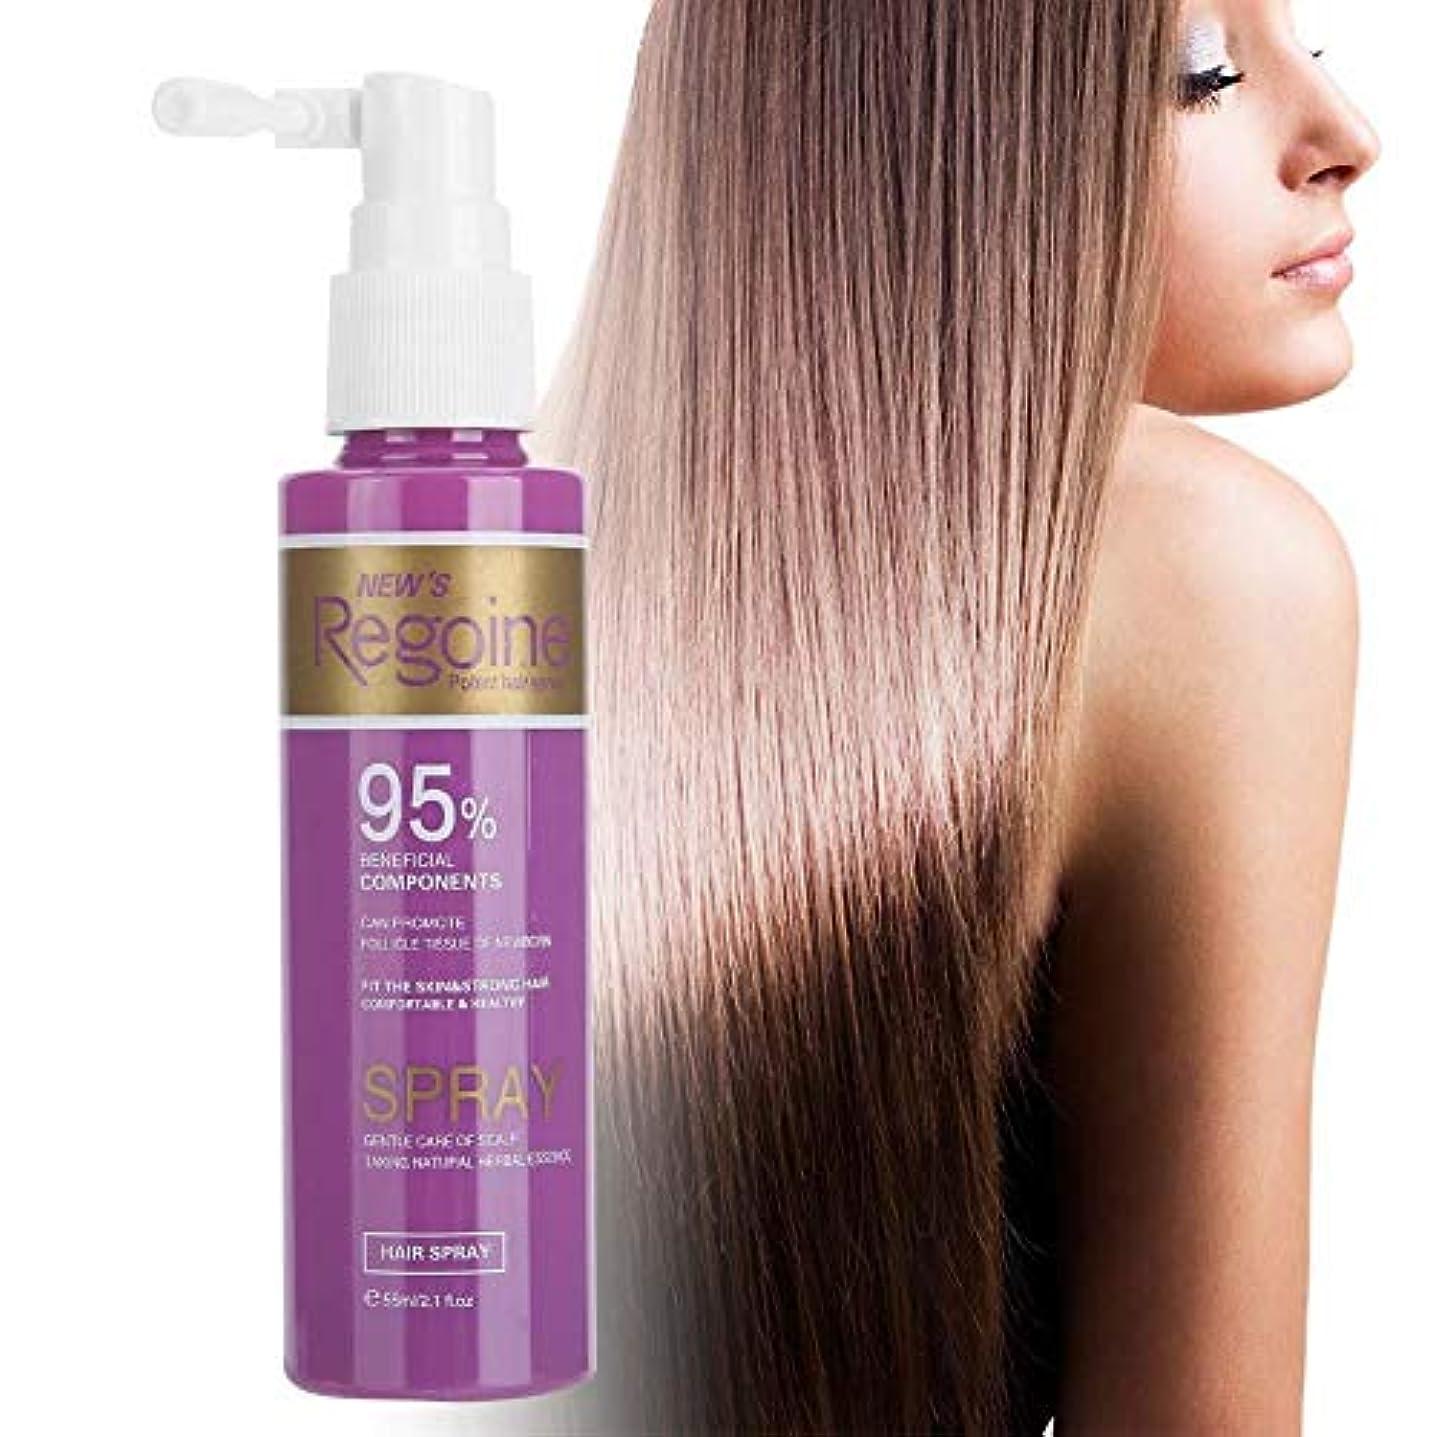 環境玉接辞育毛、育毛、育毛促進、育毛のための美容液薄毛増毛再生治療のための抗脱毛